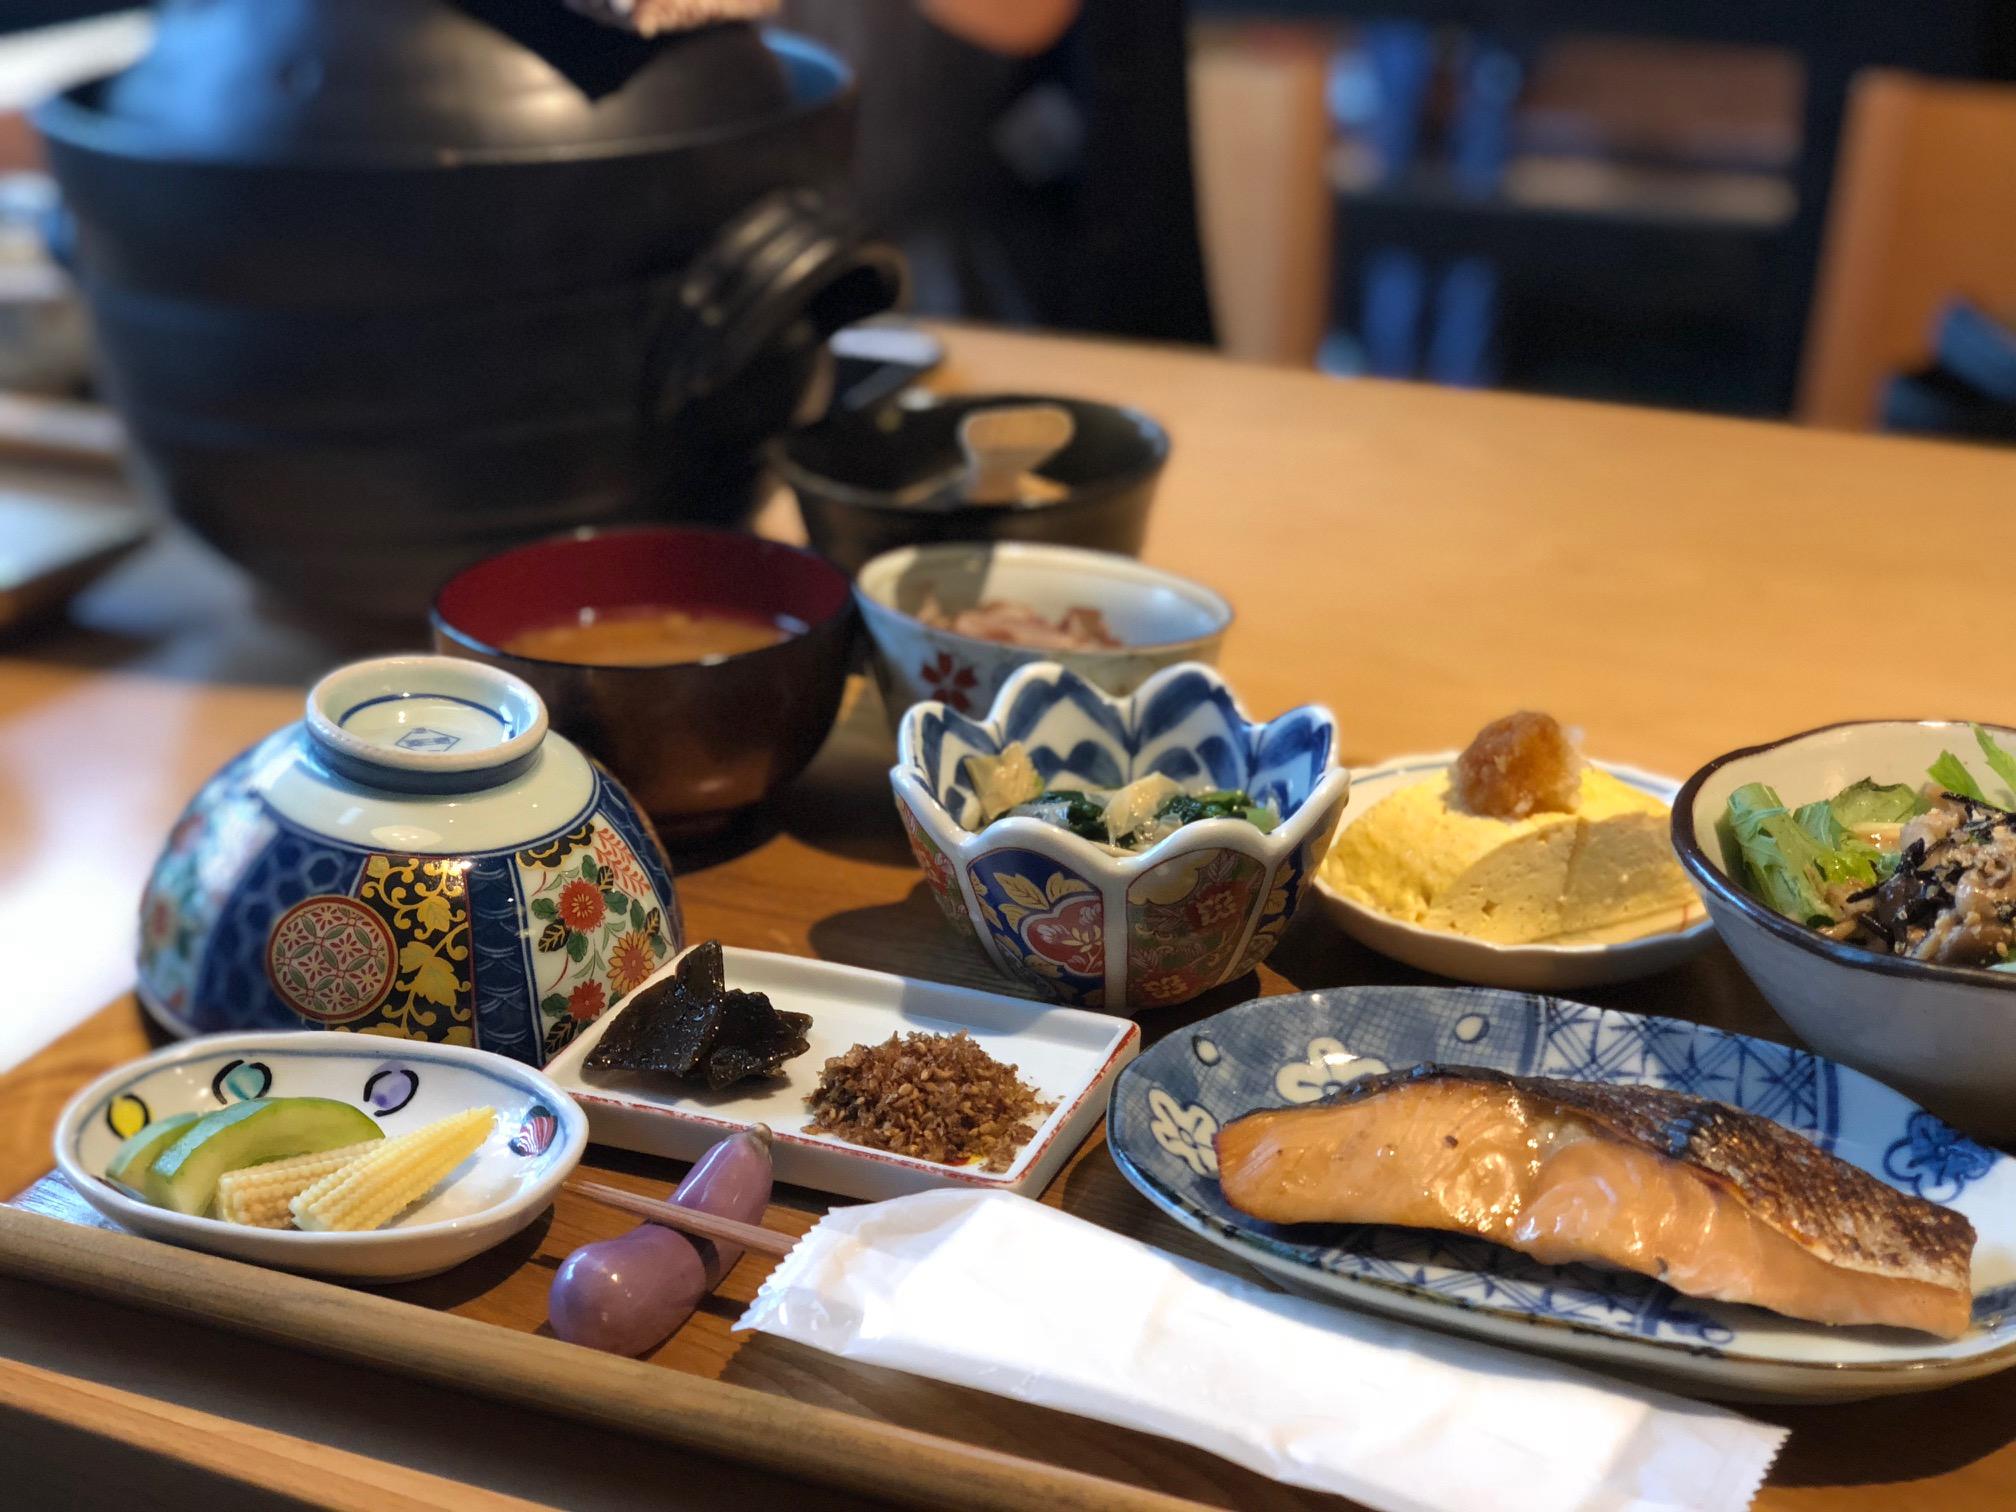 【京都旅】絶品おばんざい朝食から始める京都旅♪